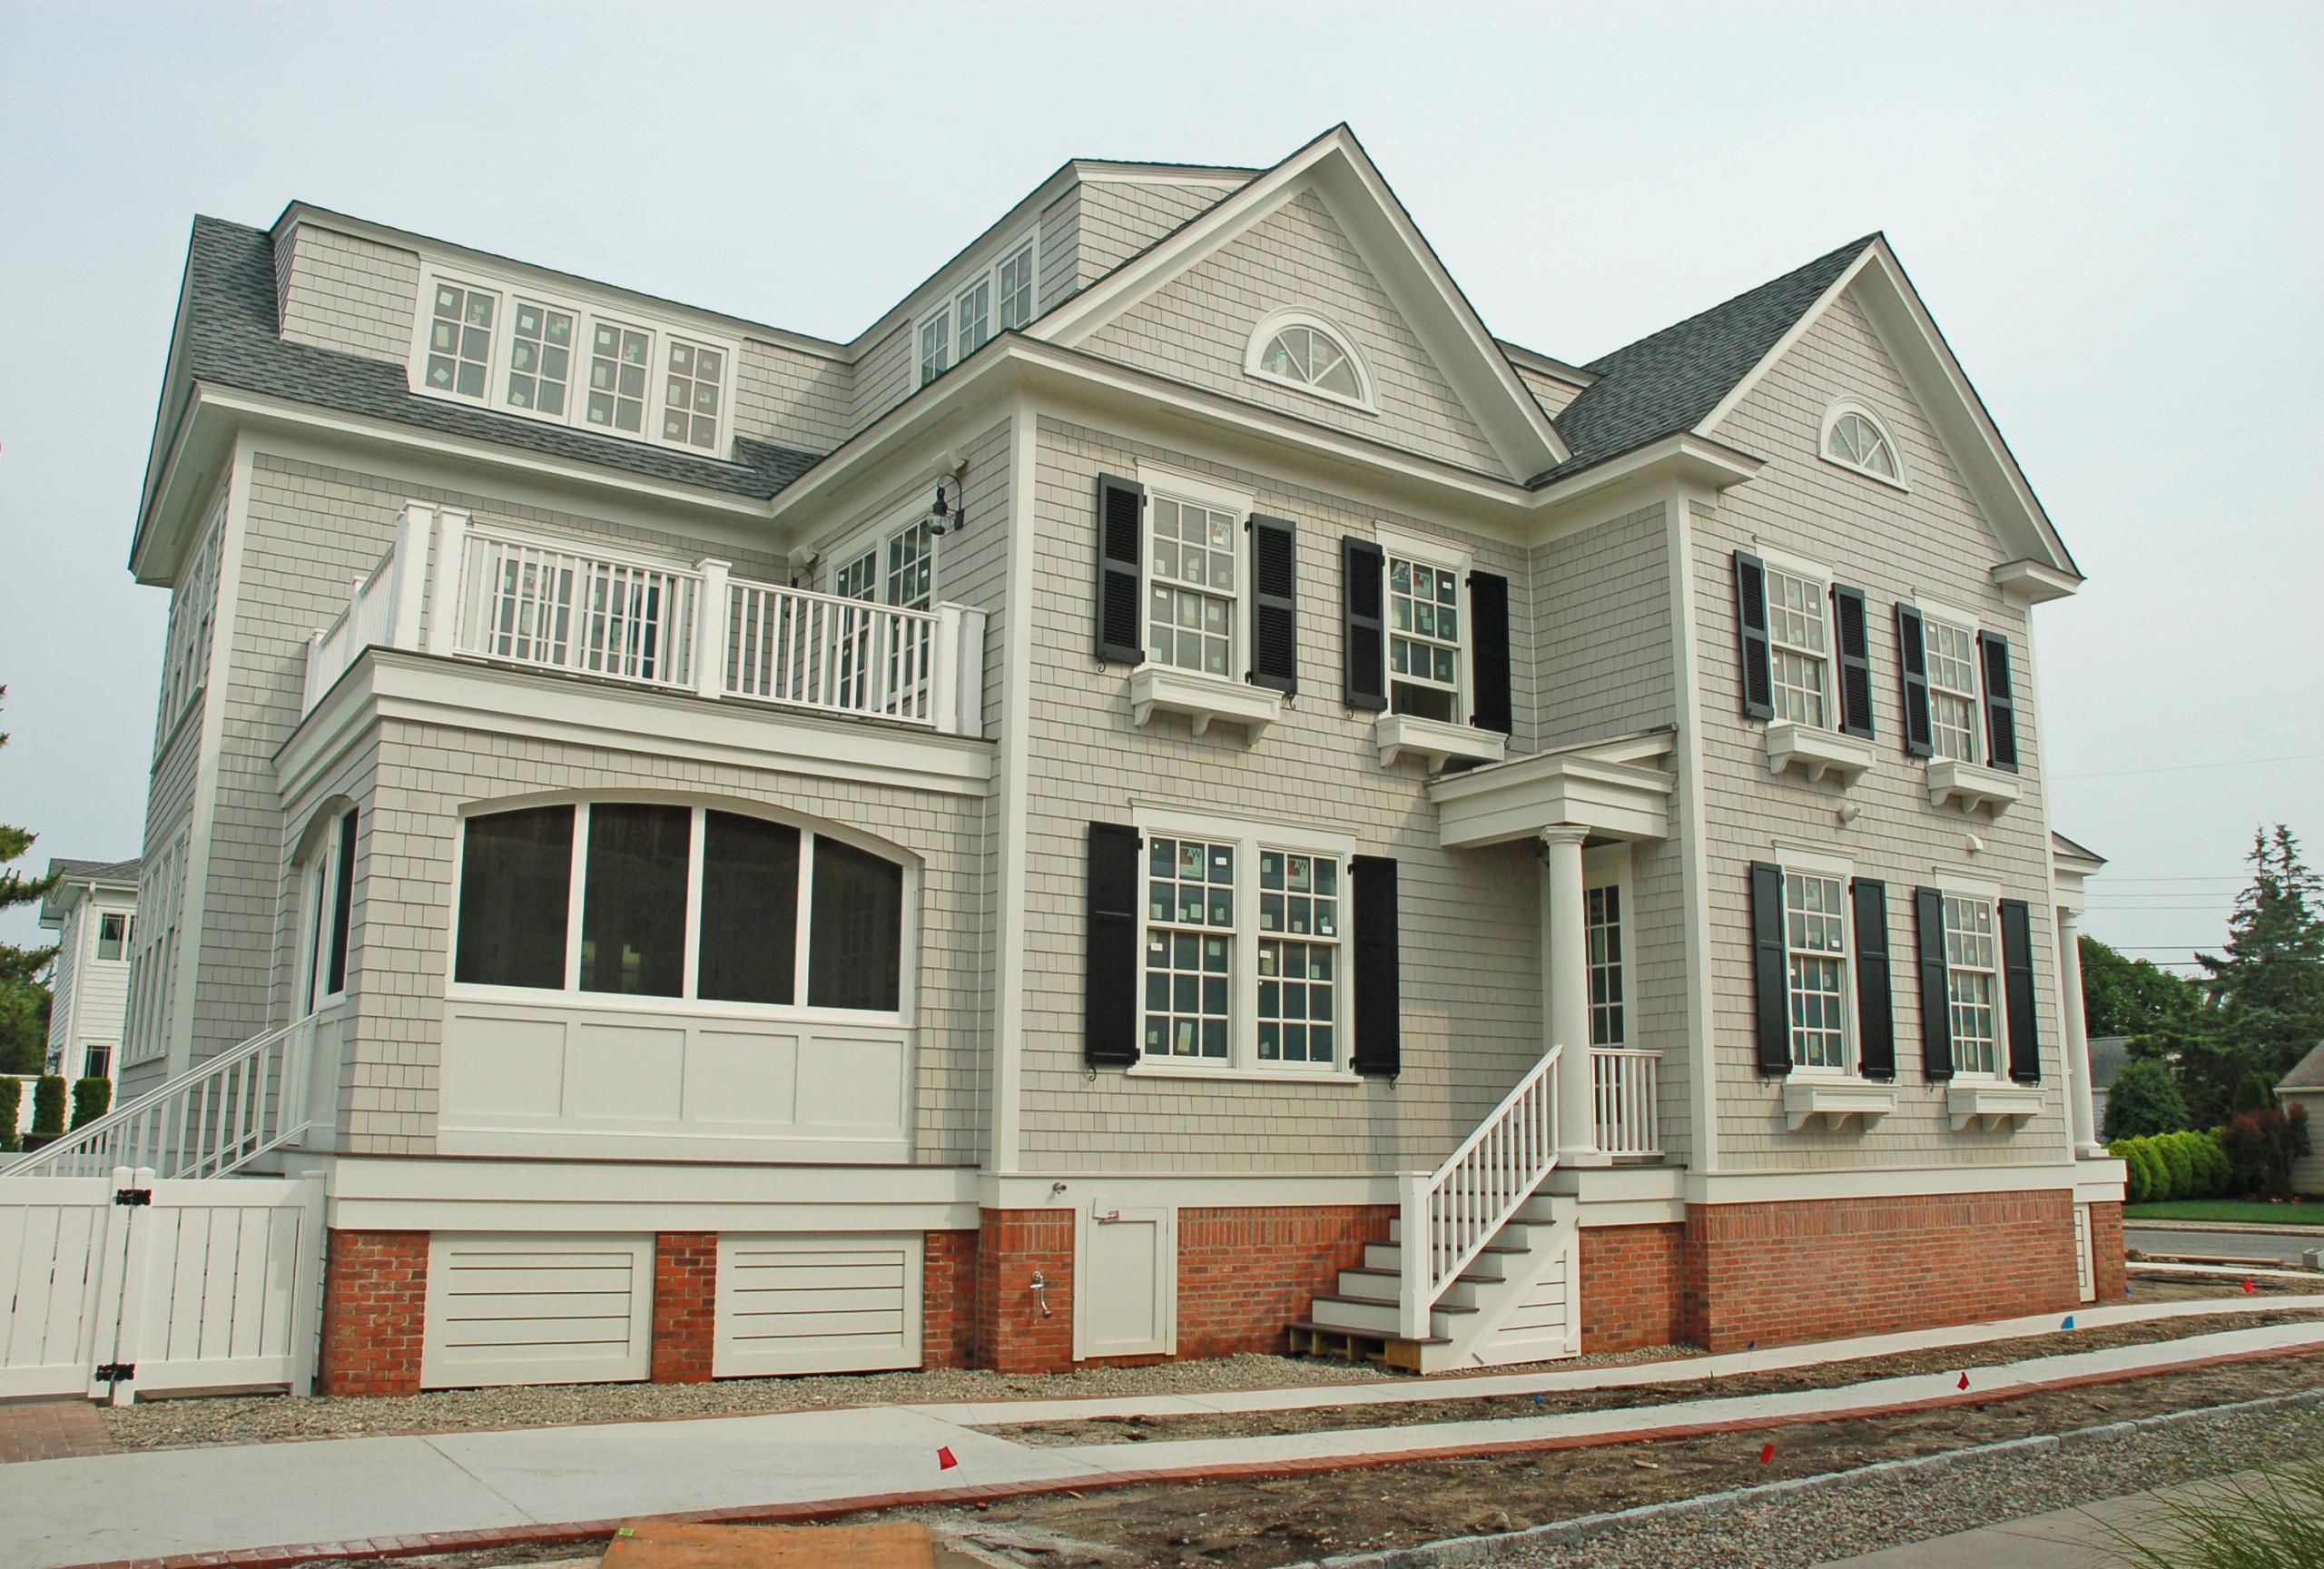 Sea Captain's House in Avalon, NJ